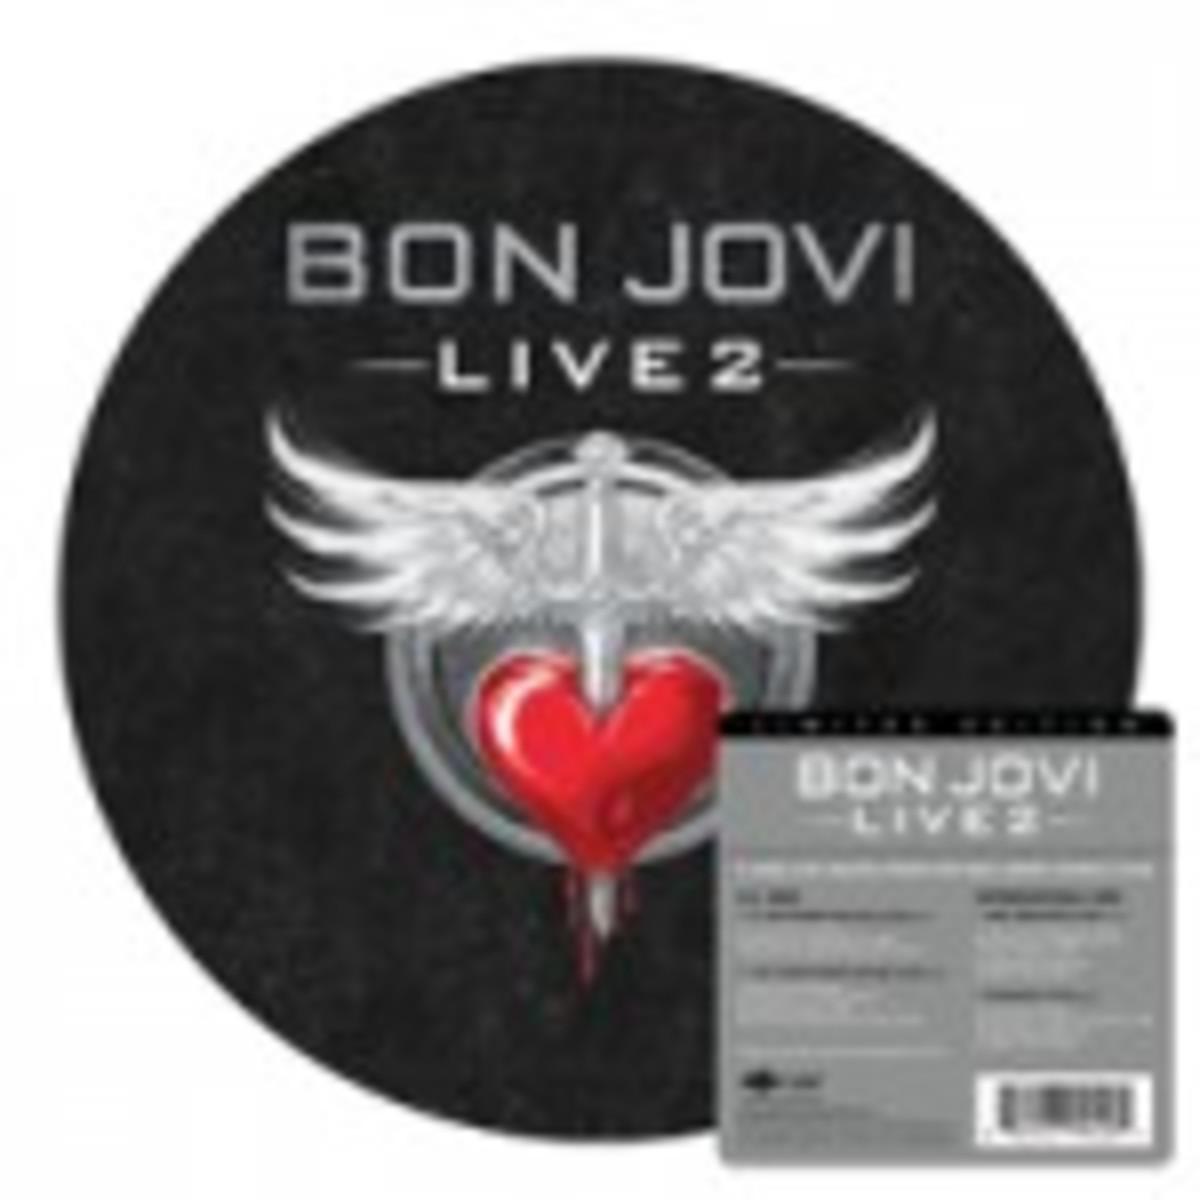 Bon Jovi Live 2 on vinyl